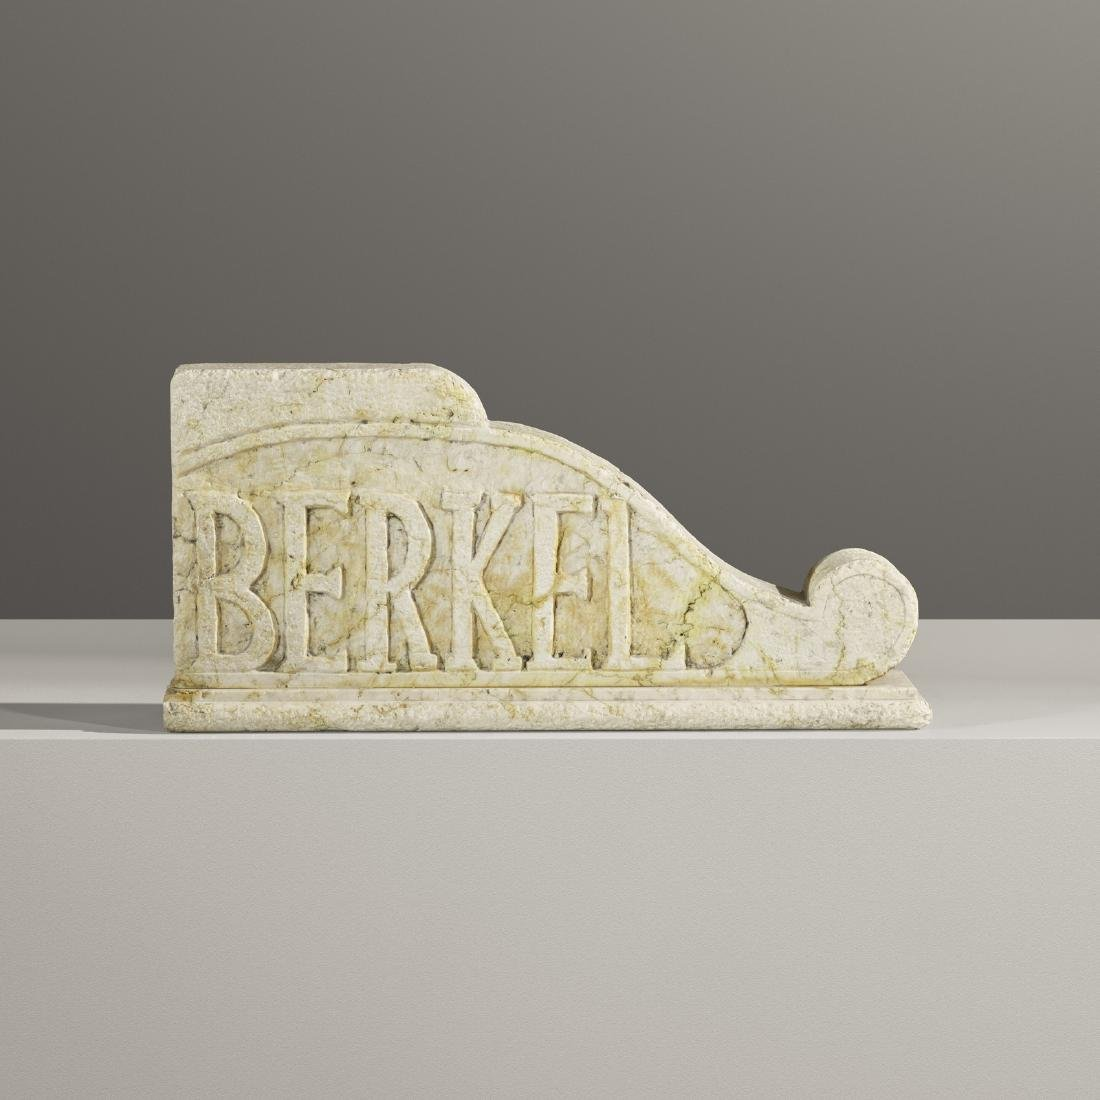 Berkel, architectural fragment